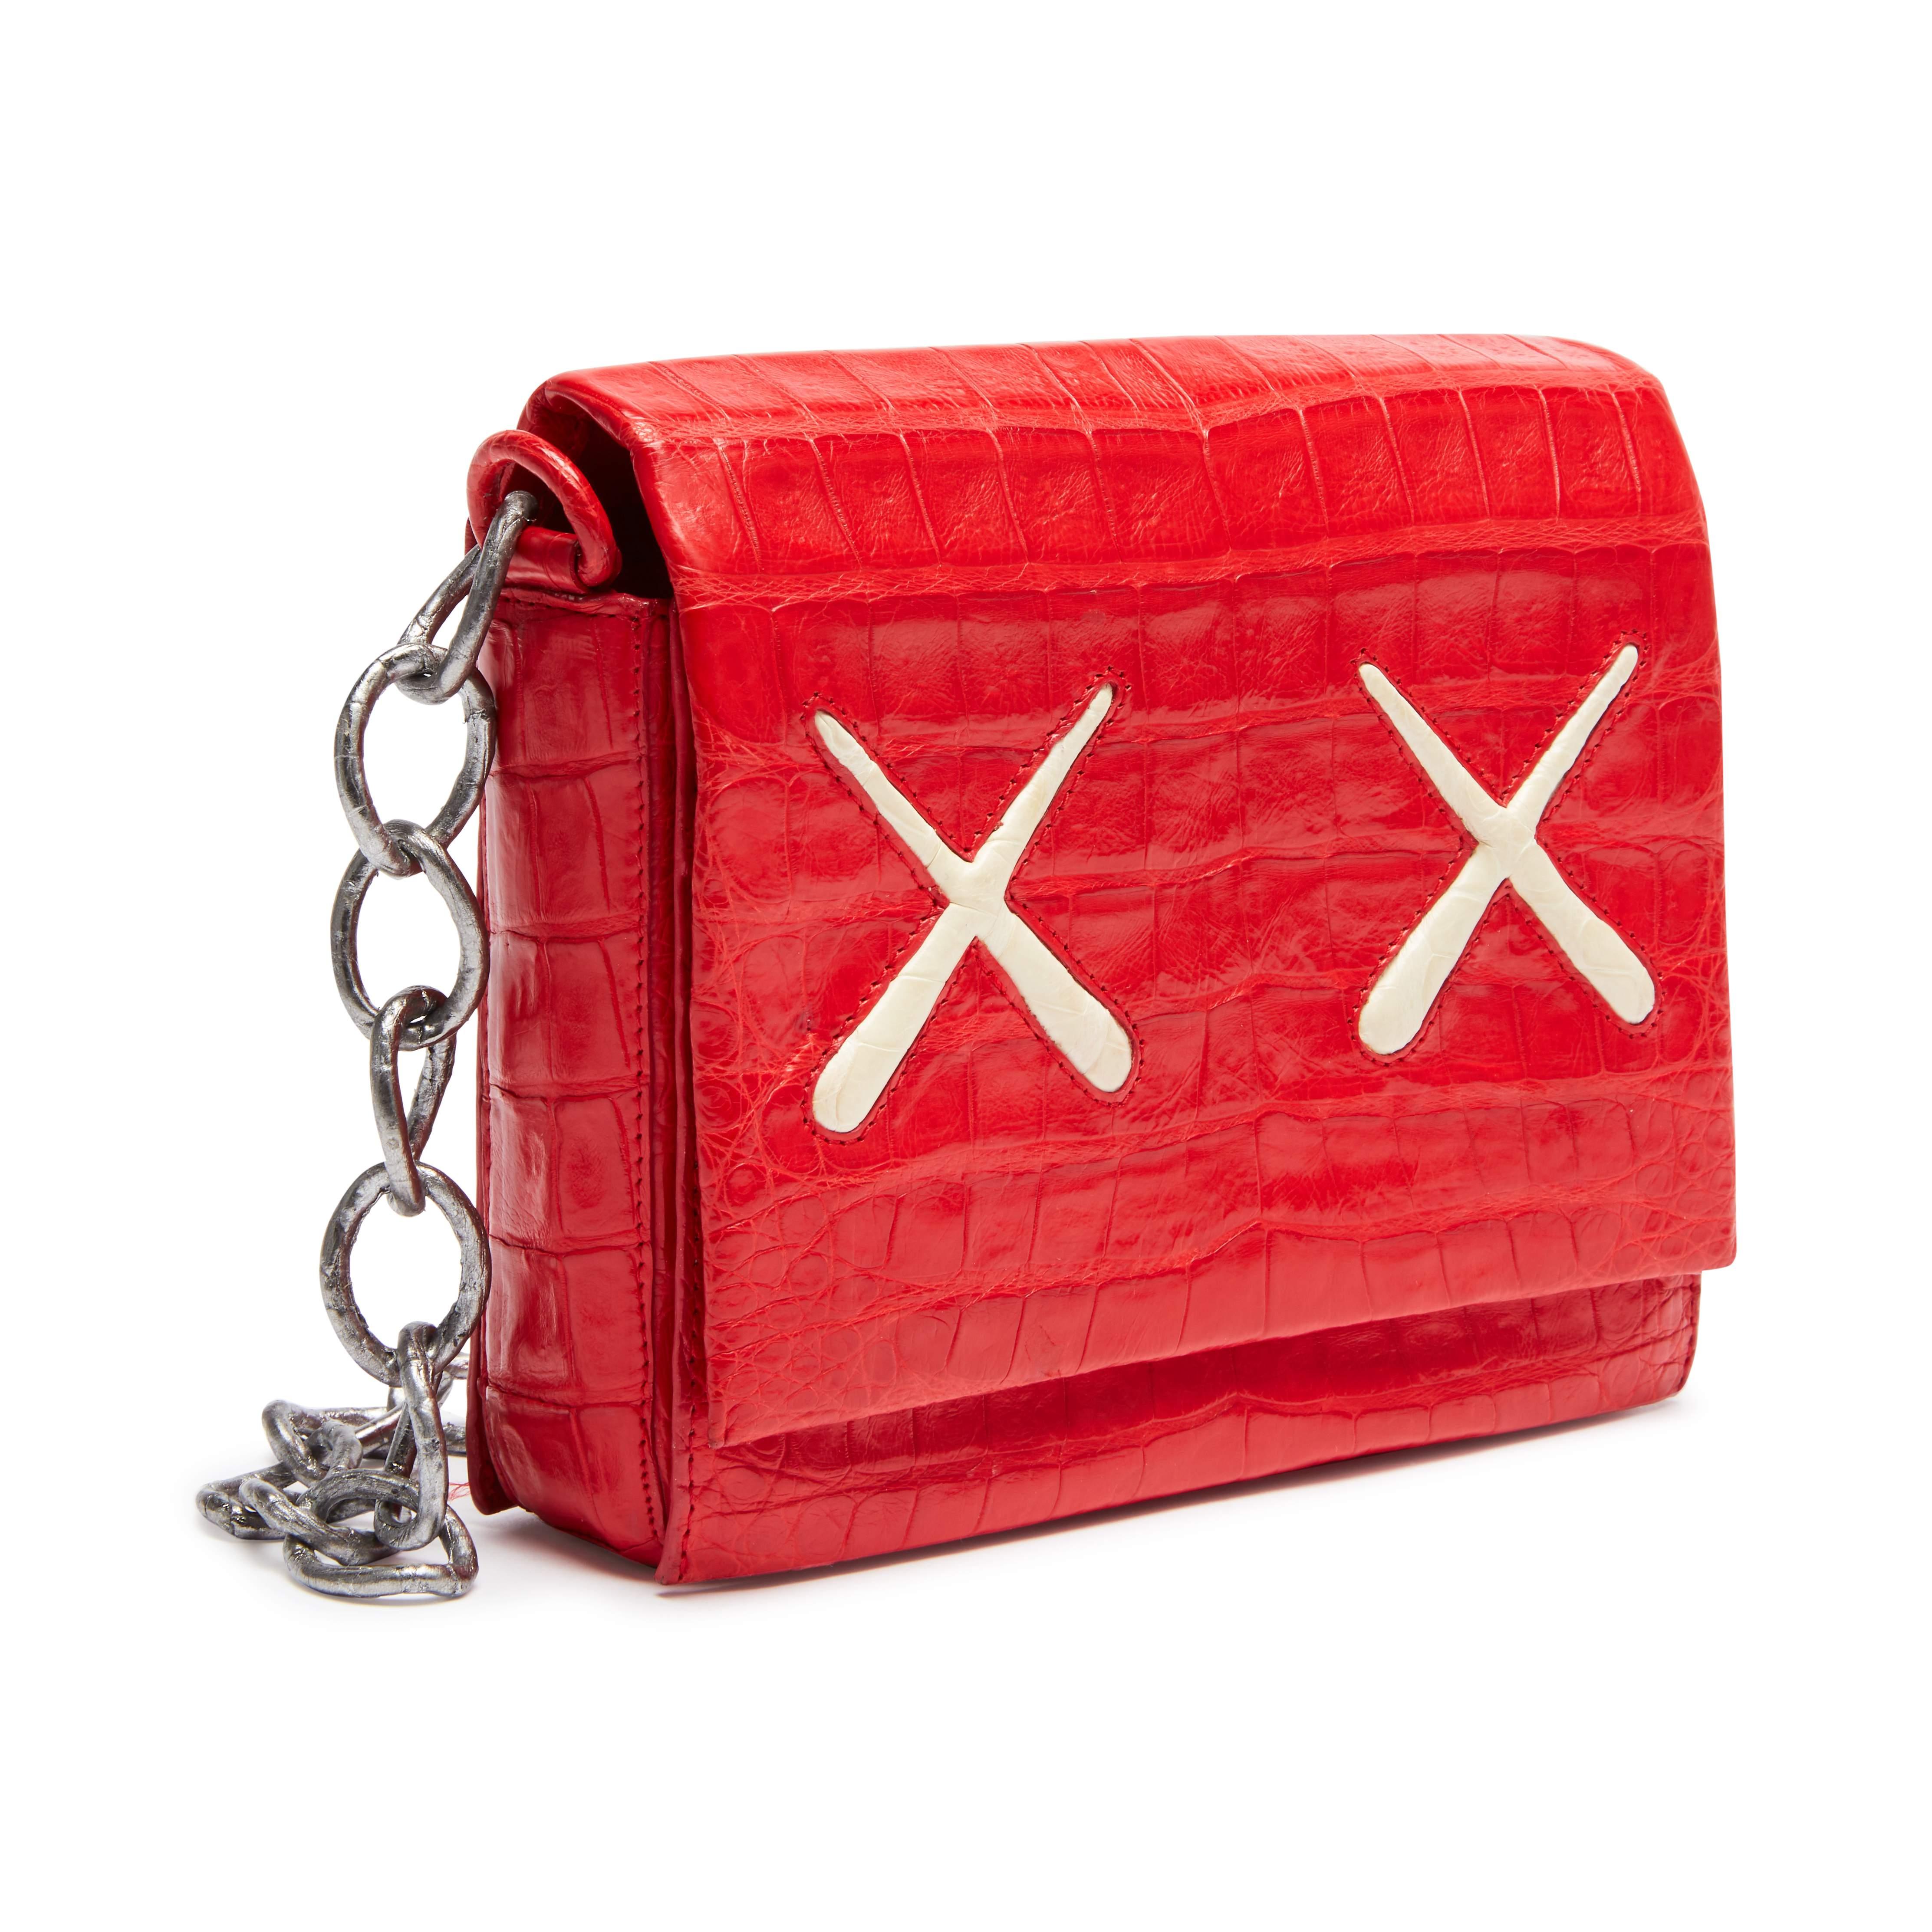 kaws-xx-gio-crocodile-crossbody-red-bag-a64f